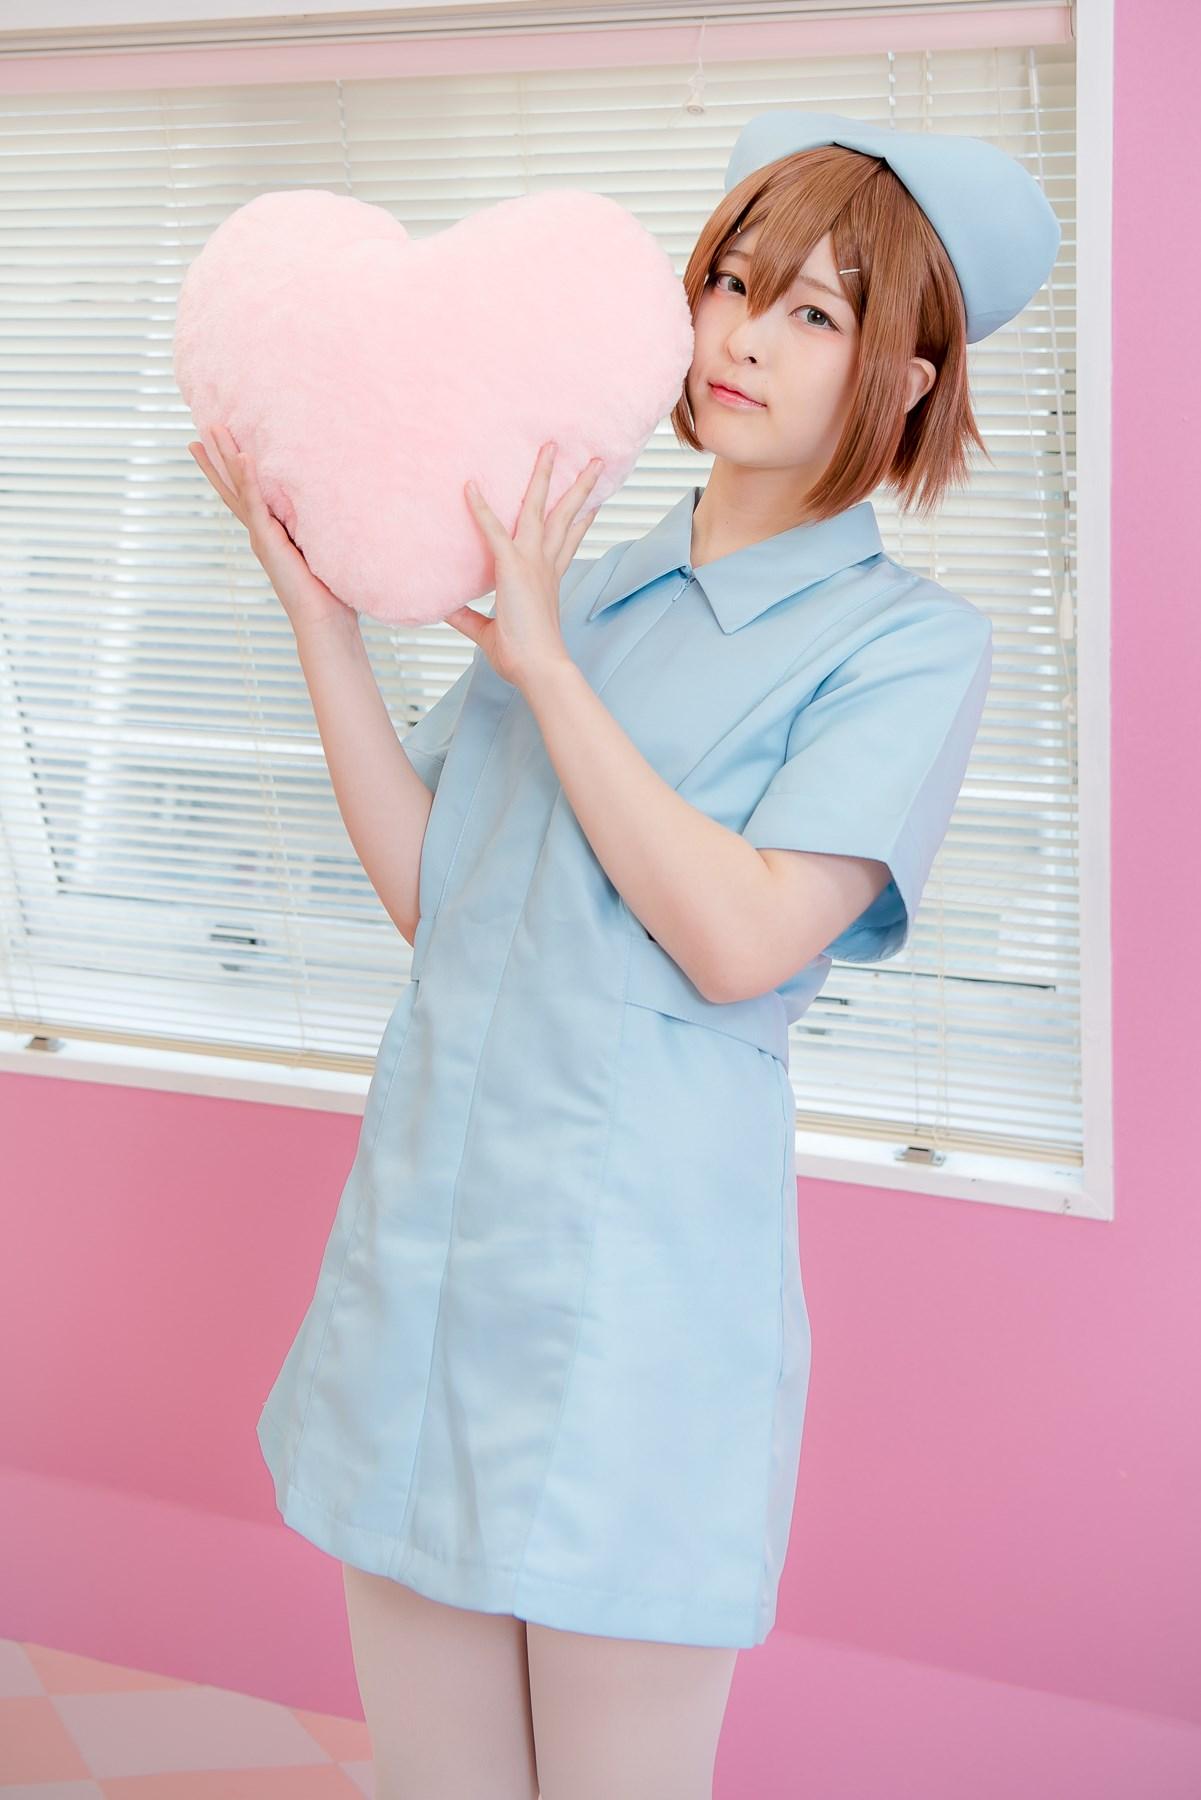 【兔玩映画】实习小护士 兔玩映画 第51张